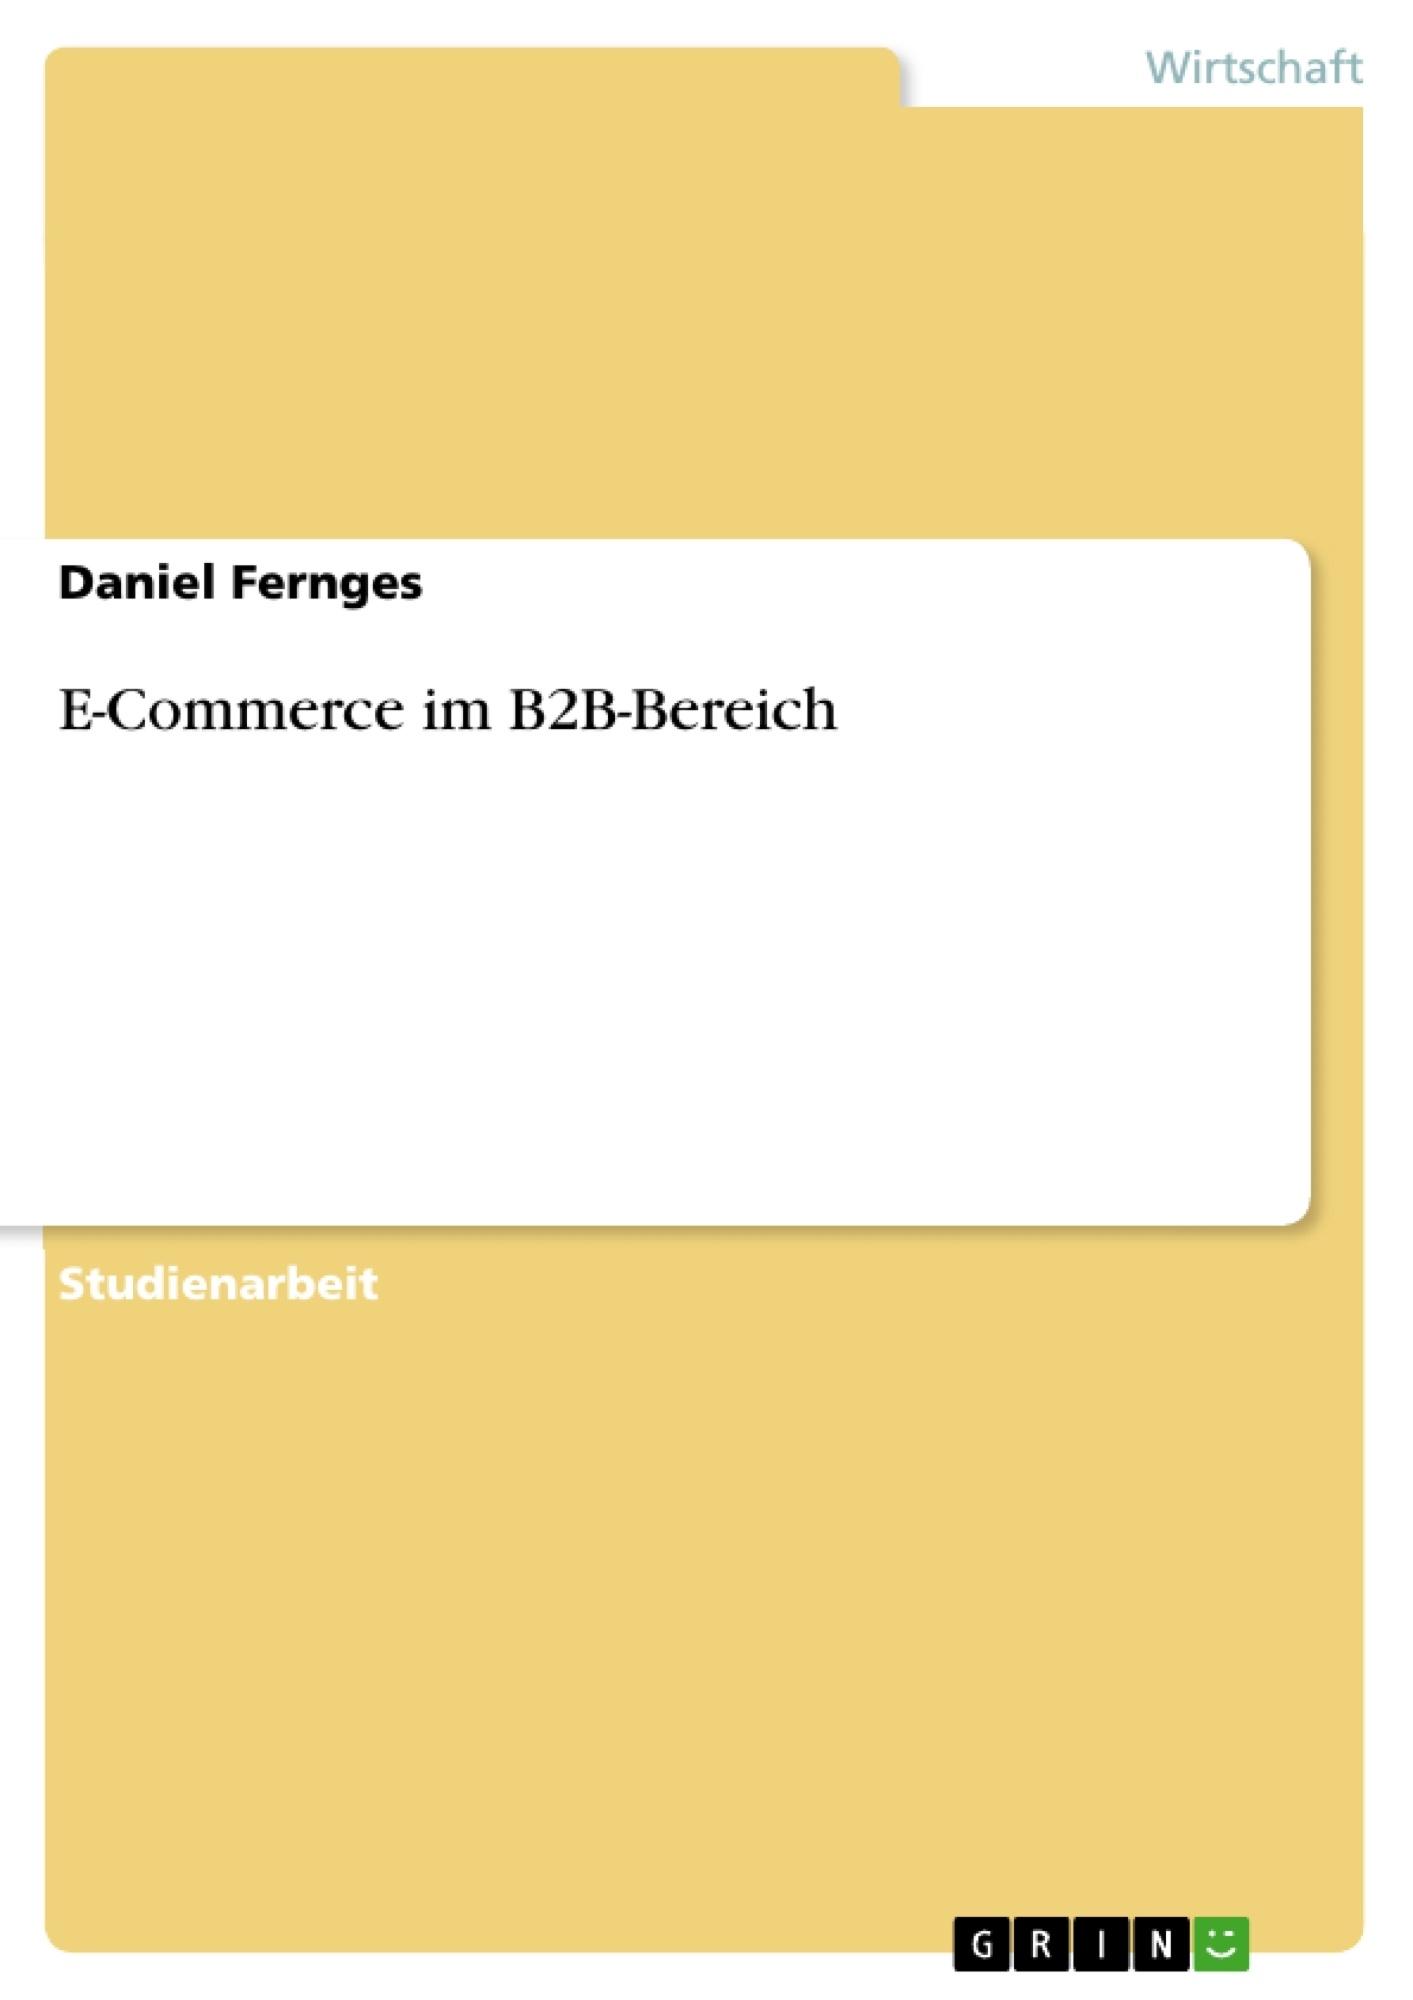 Titel: E-Commerce im B2B-Bereich